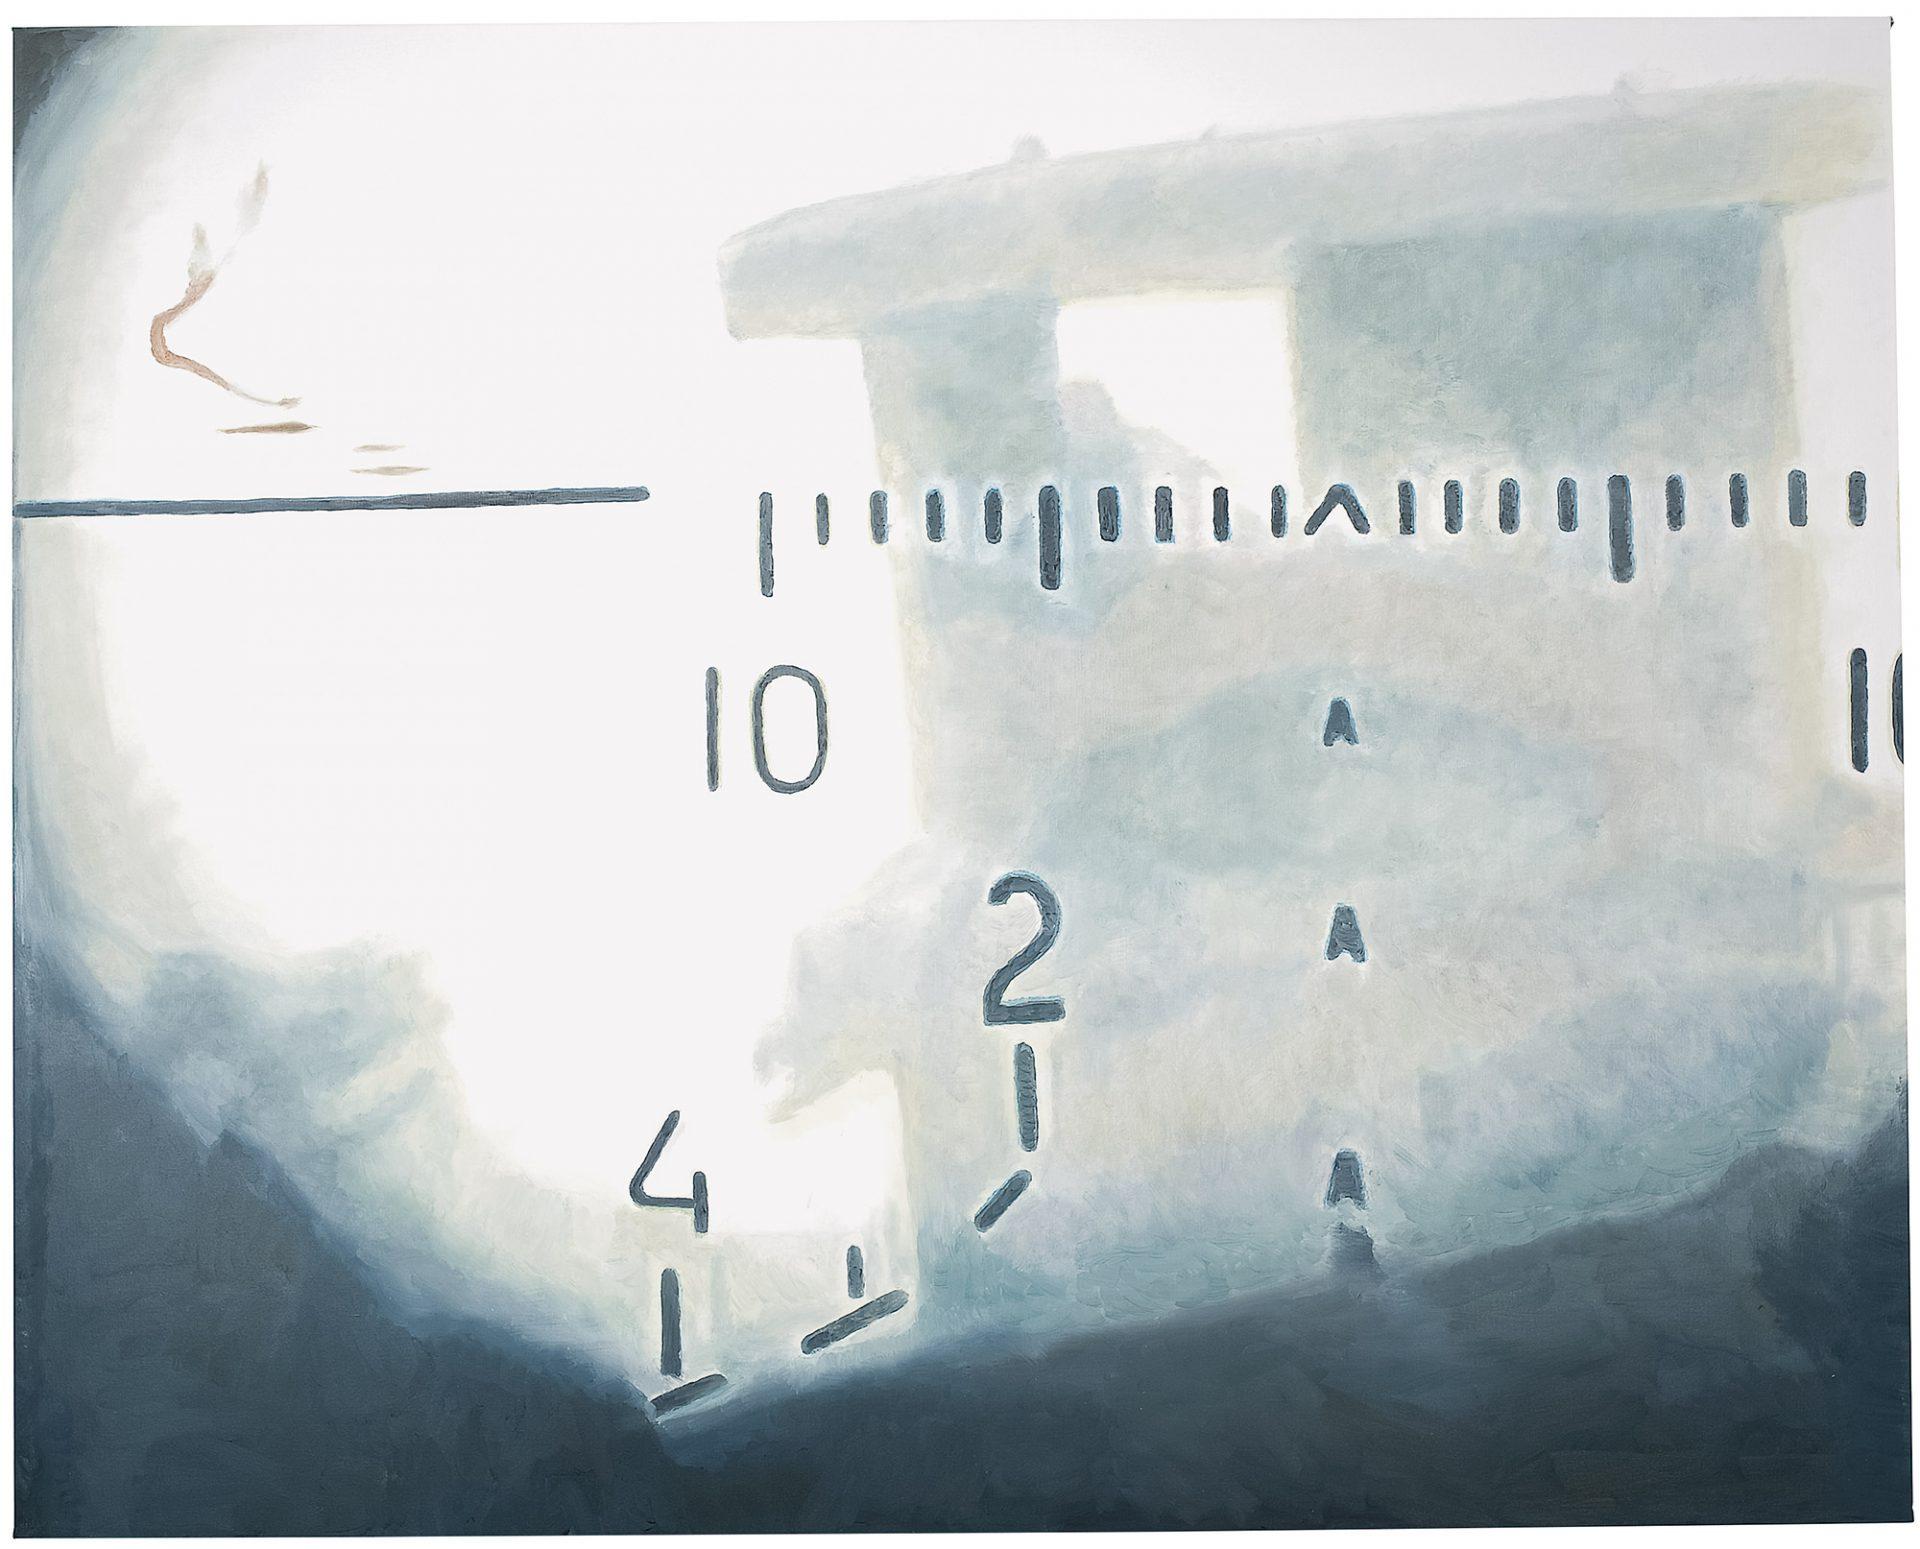 Sniper, 2009 - (c)Studio Luc Tuymans